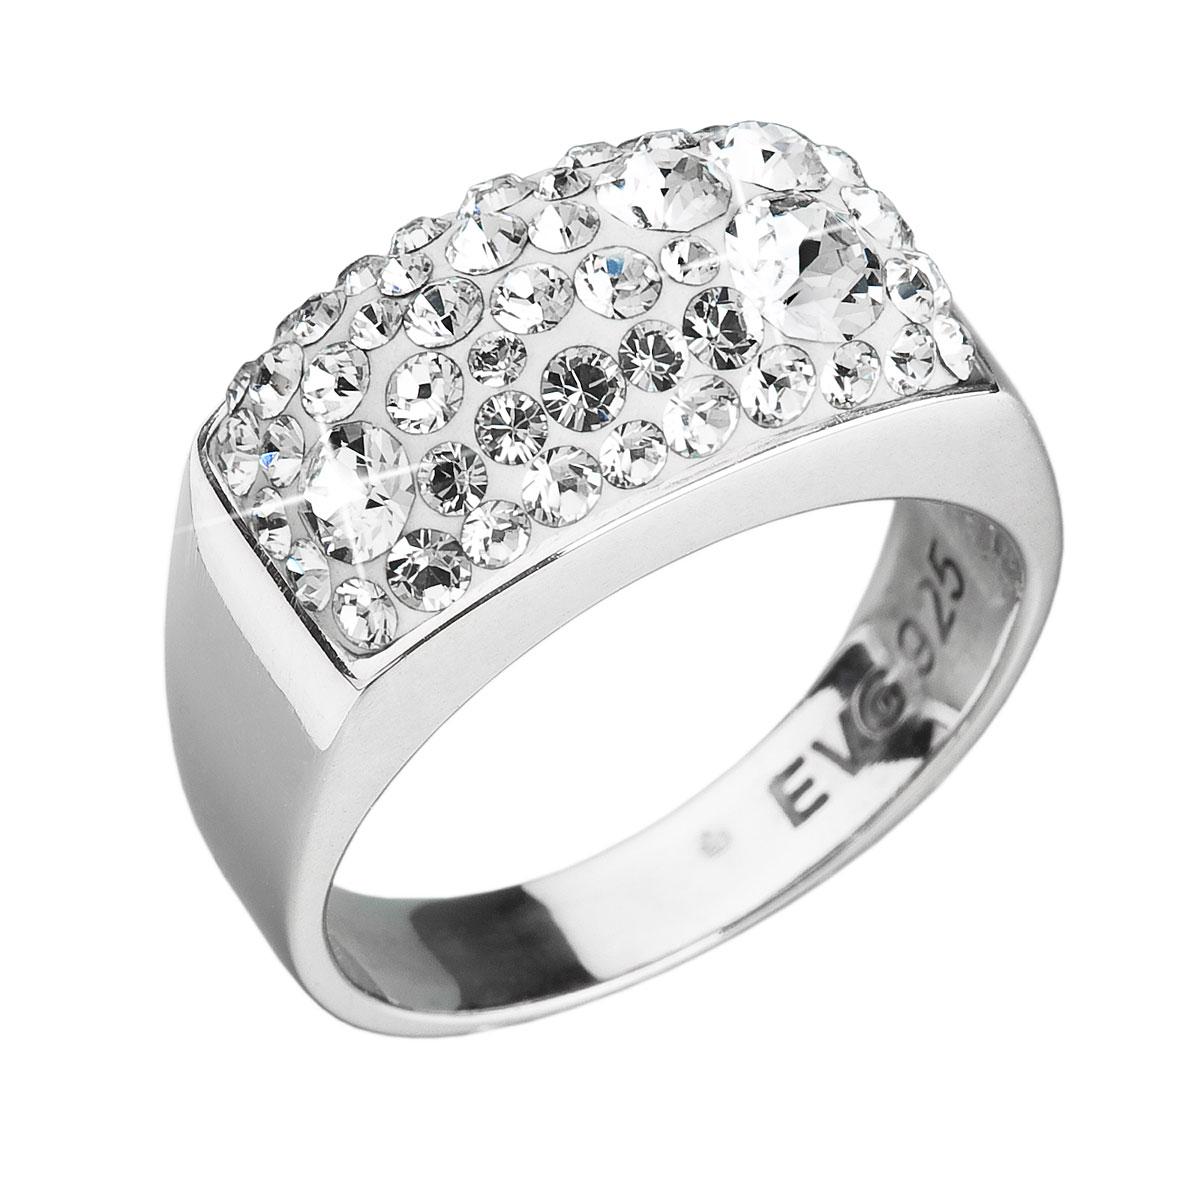 Strieborný prsteň s krištáľmi biely 35014.11 krištál